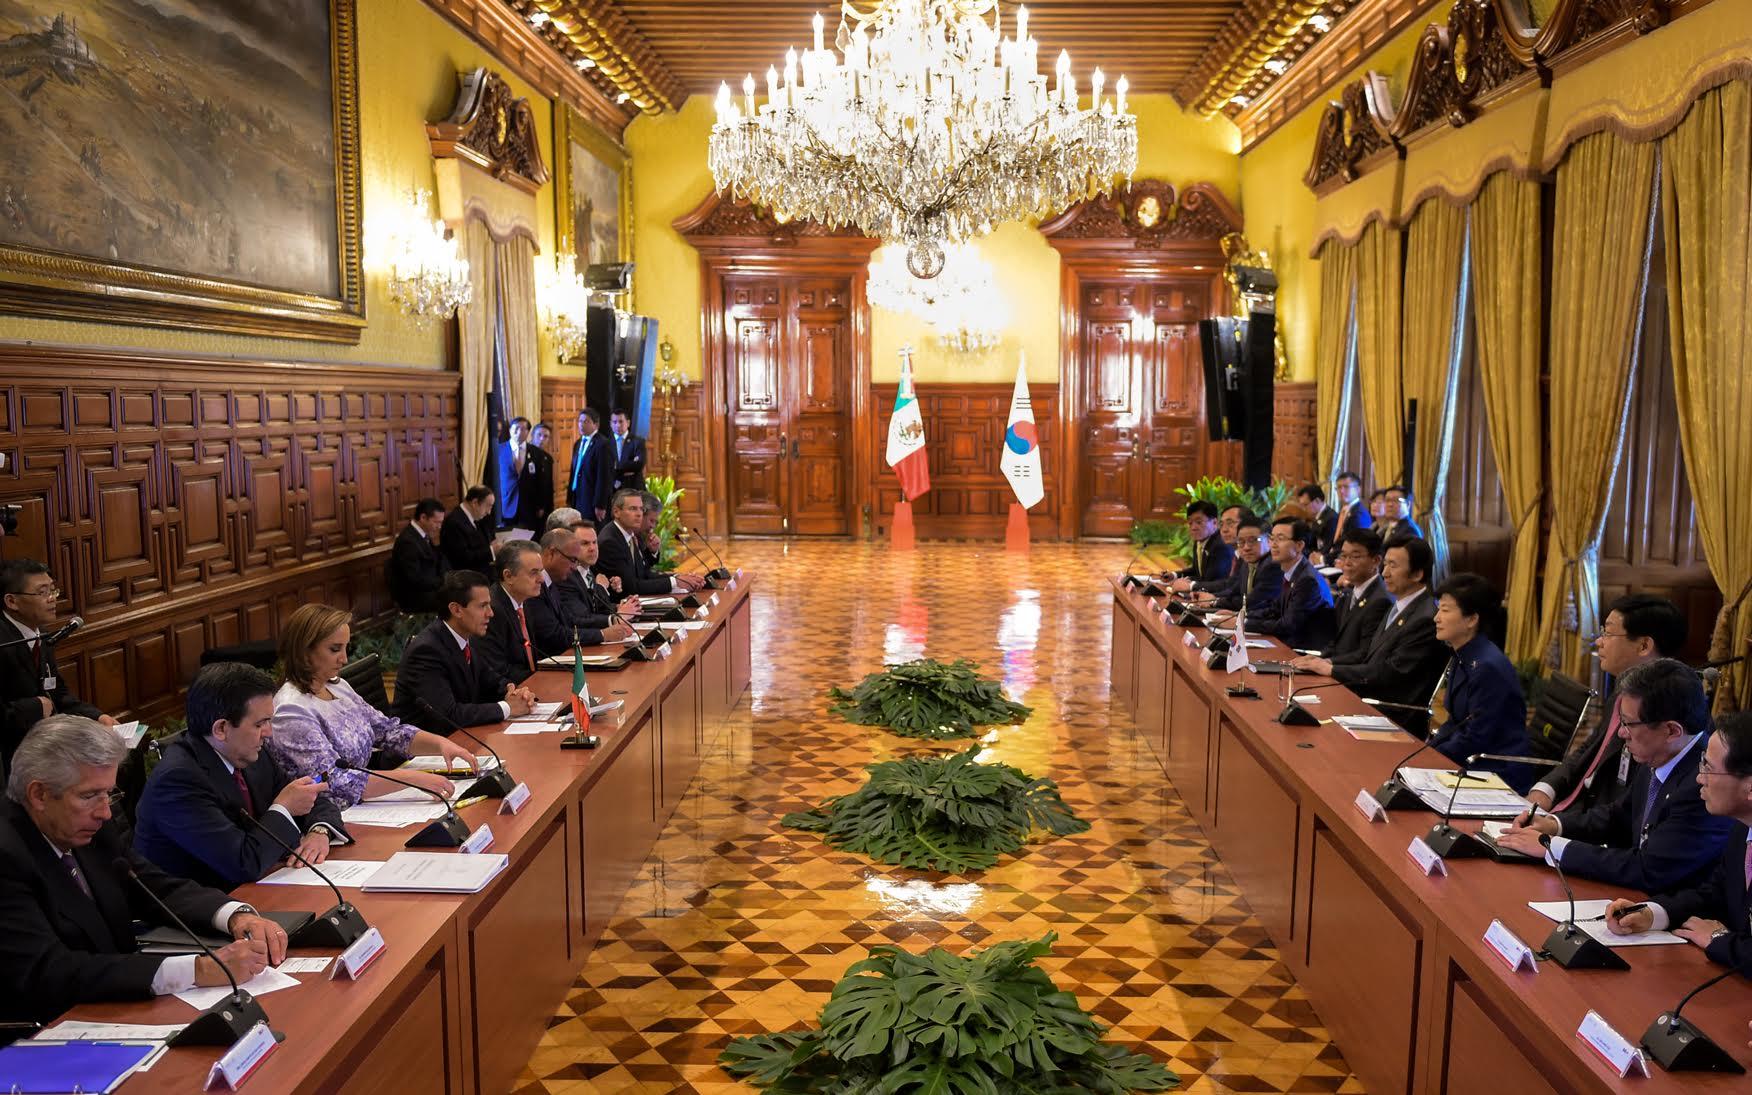 Mesa de trabajo, en Palacio Nacional,  de las comitivas de Corea y México, durante la Visita Oficial de la Presidenta Park Geun-hye.